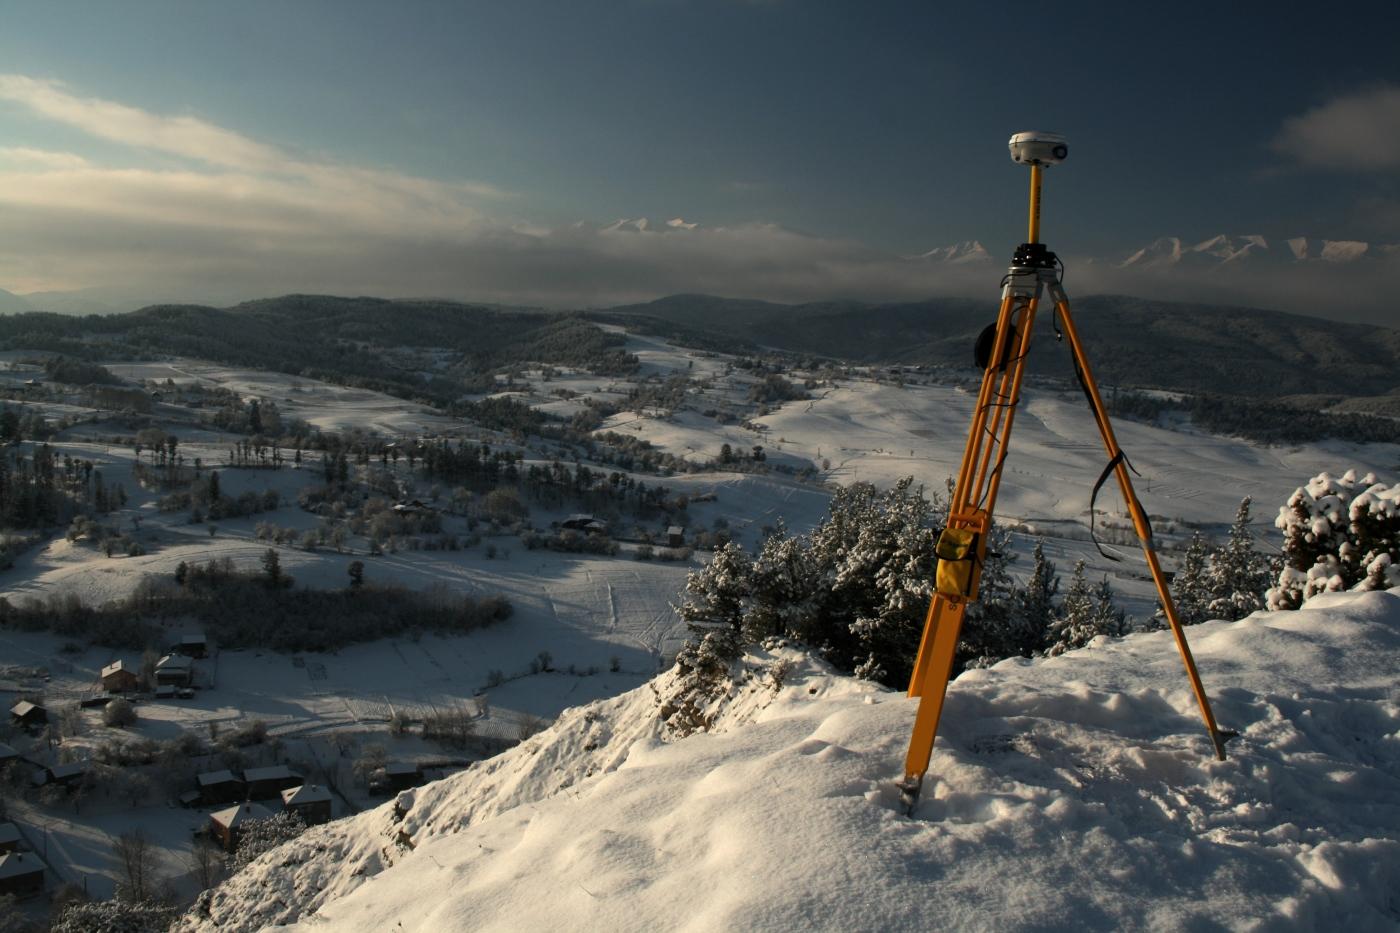 Morning in January, Bulgaria